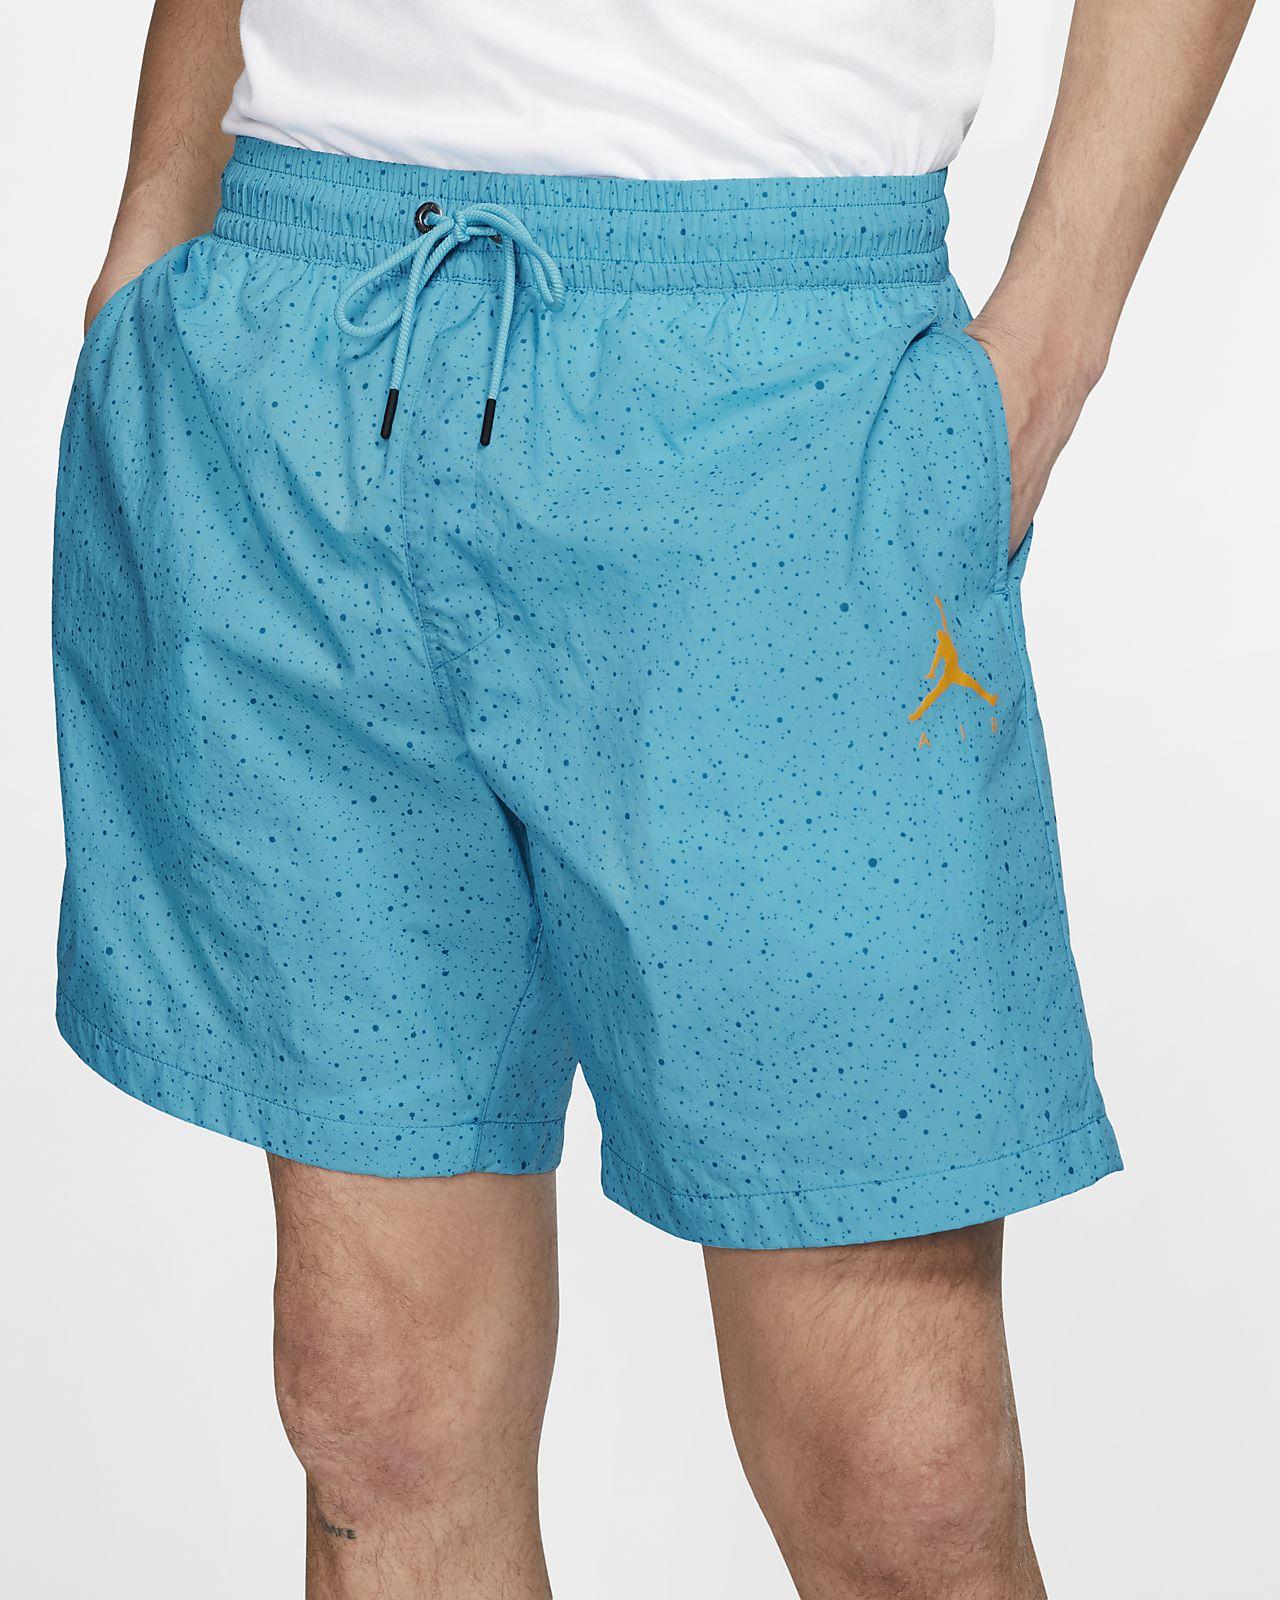 ジョーダン ジャンプマン セメント プールサイド メンズ 18cm ショートパンツ